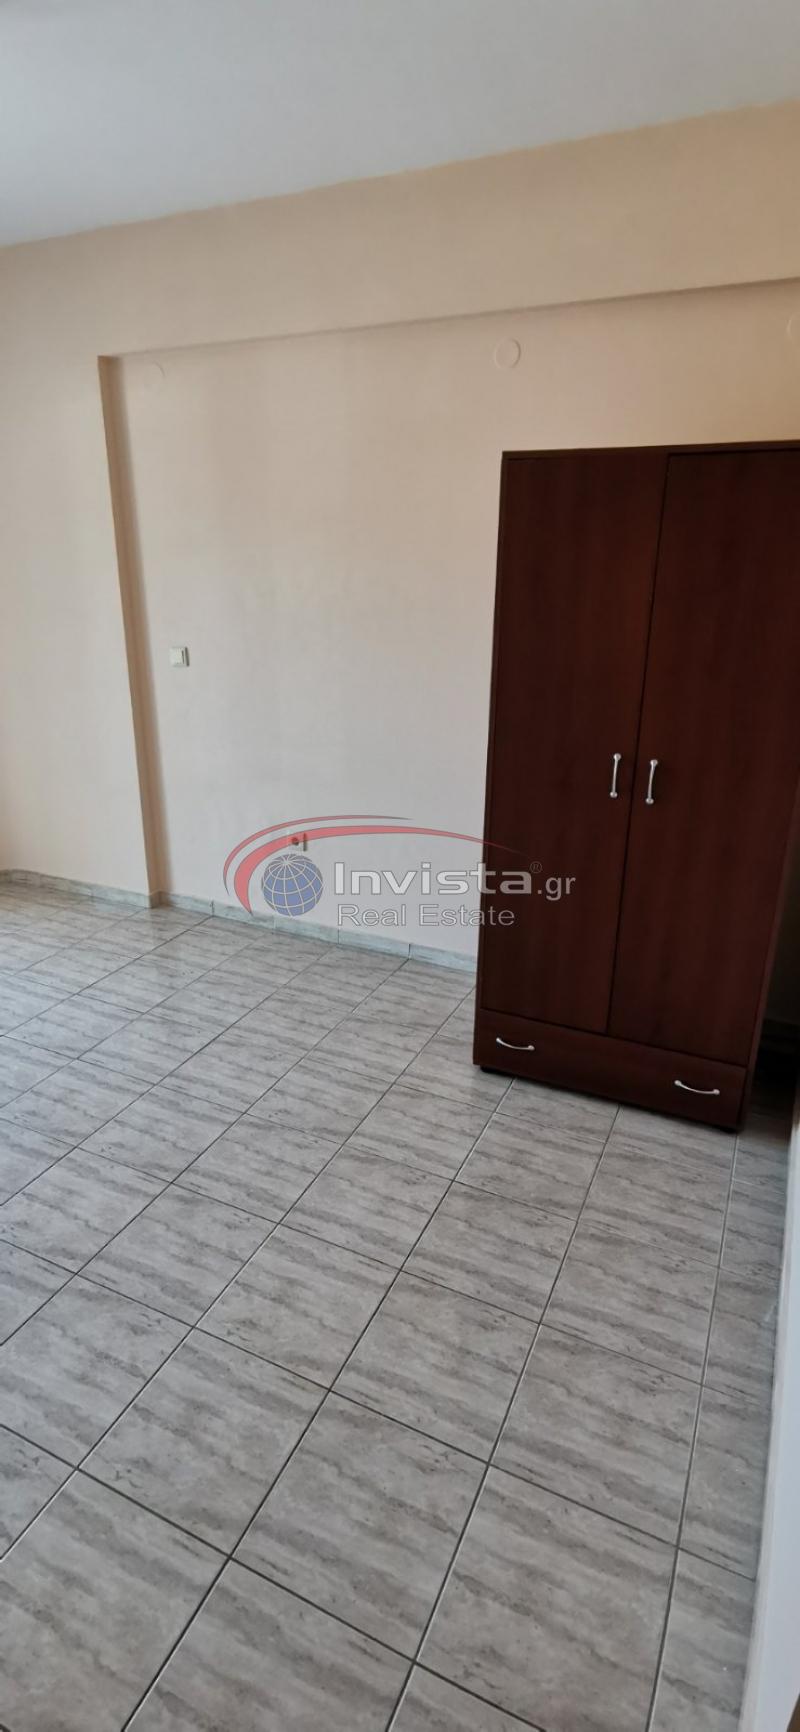 Πωλείται Γκαρσονιέρα Θεσσαλονίκη Δήμος, Χαριλάου